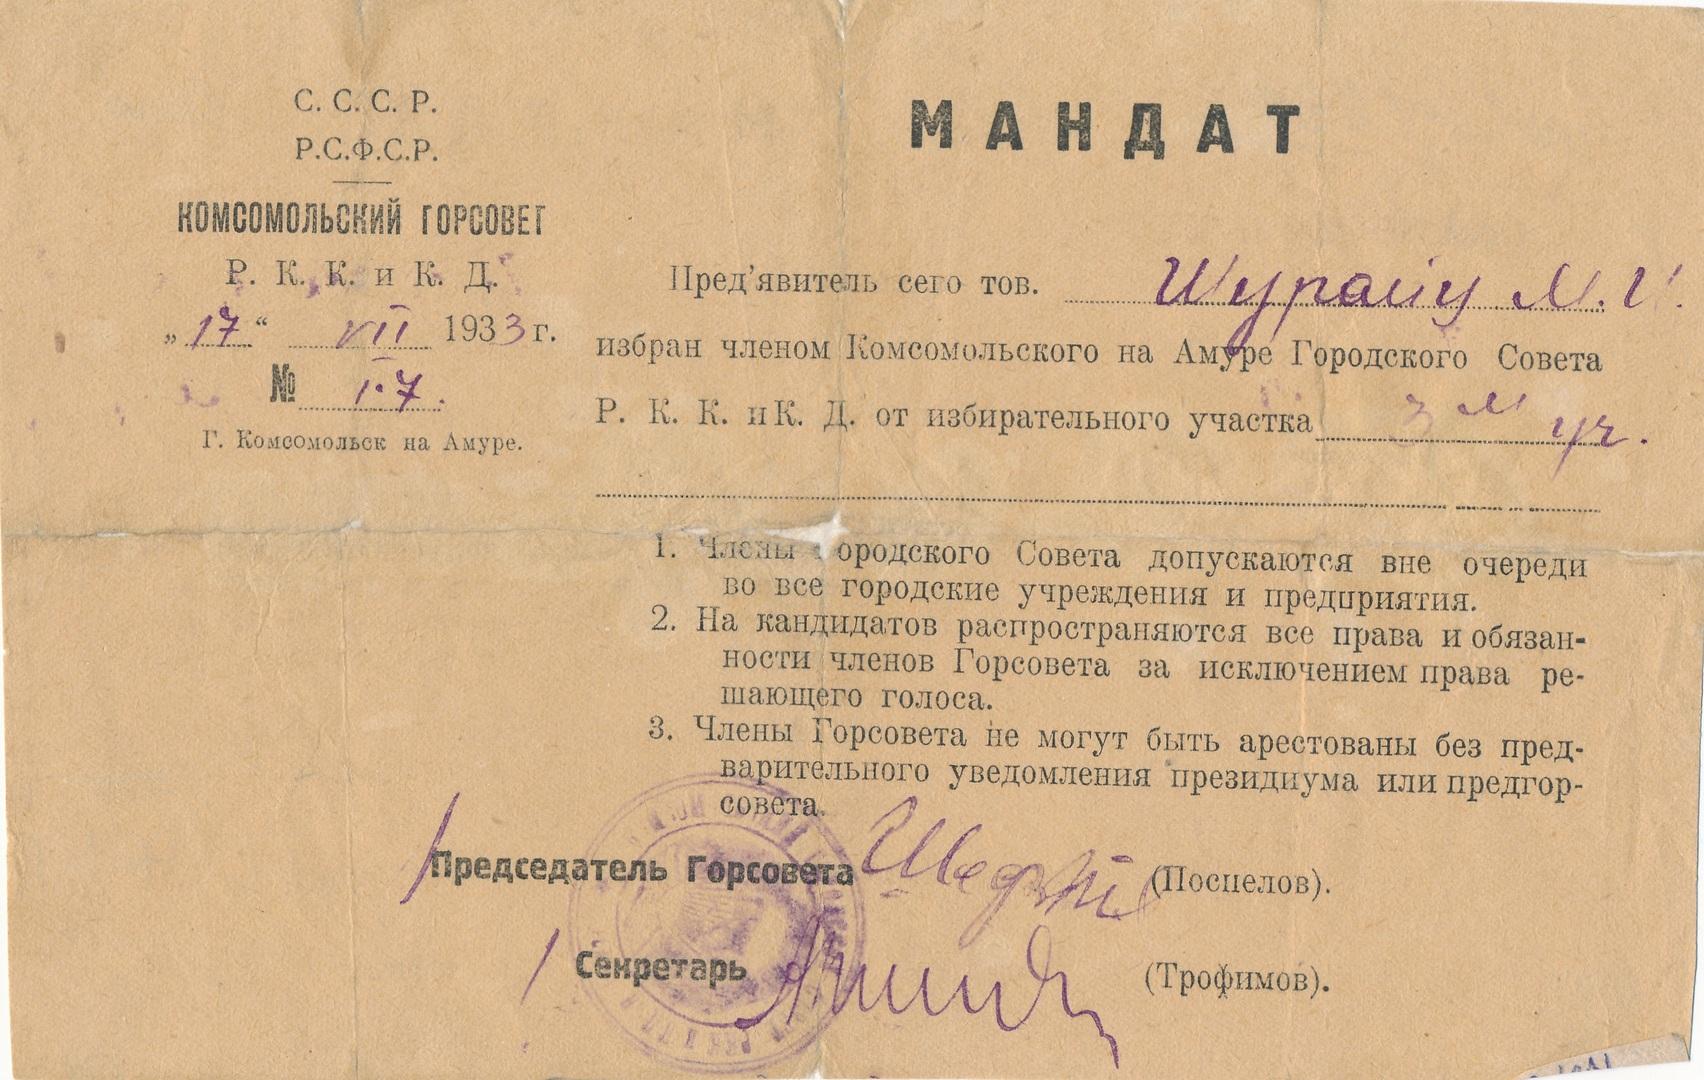 Мандат №1-7 Комсомольского горсовета Шурайцу М.И